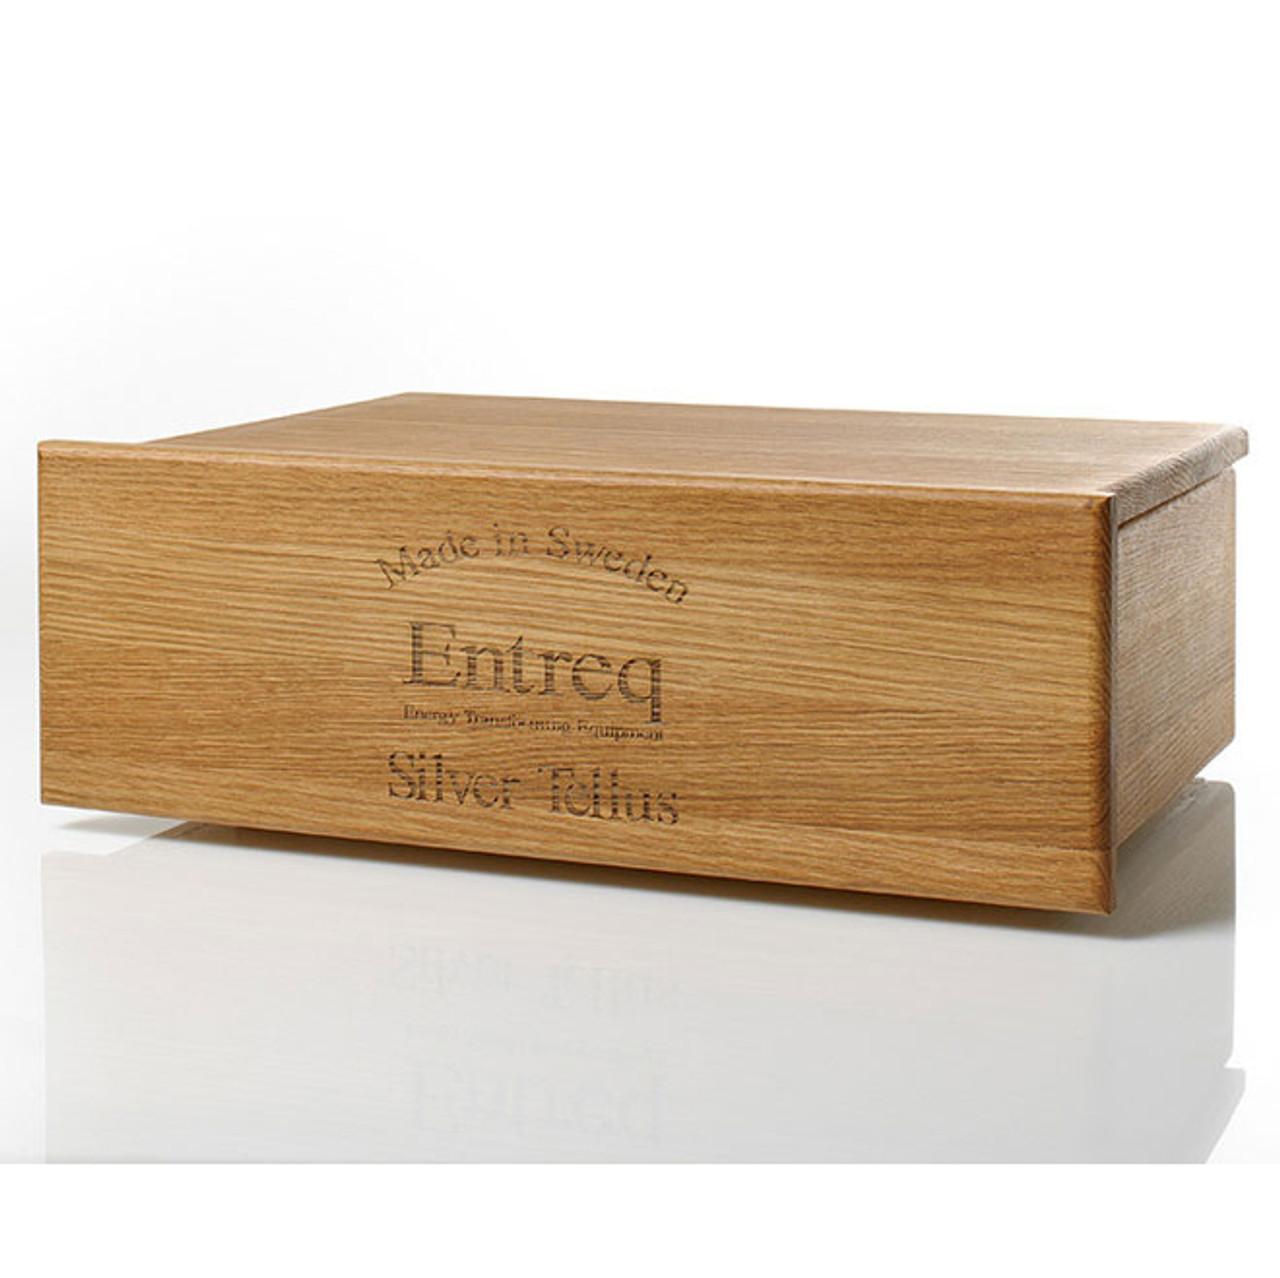 Entreq Silver Tellus Ground Conditioner